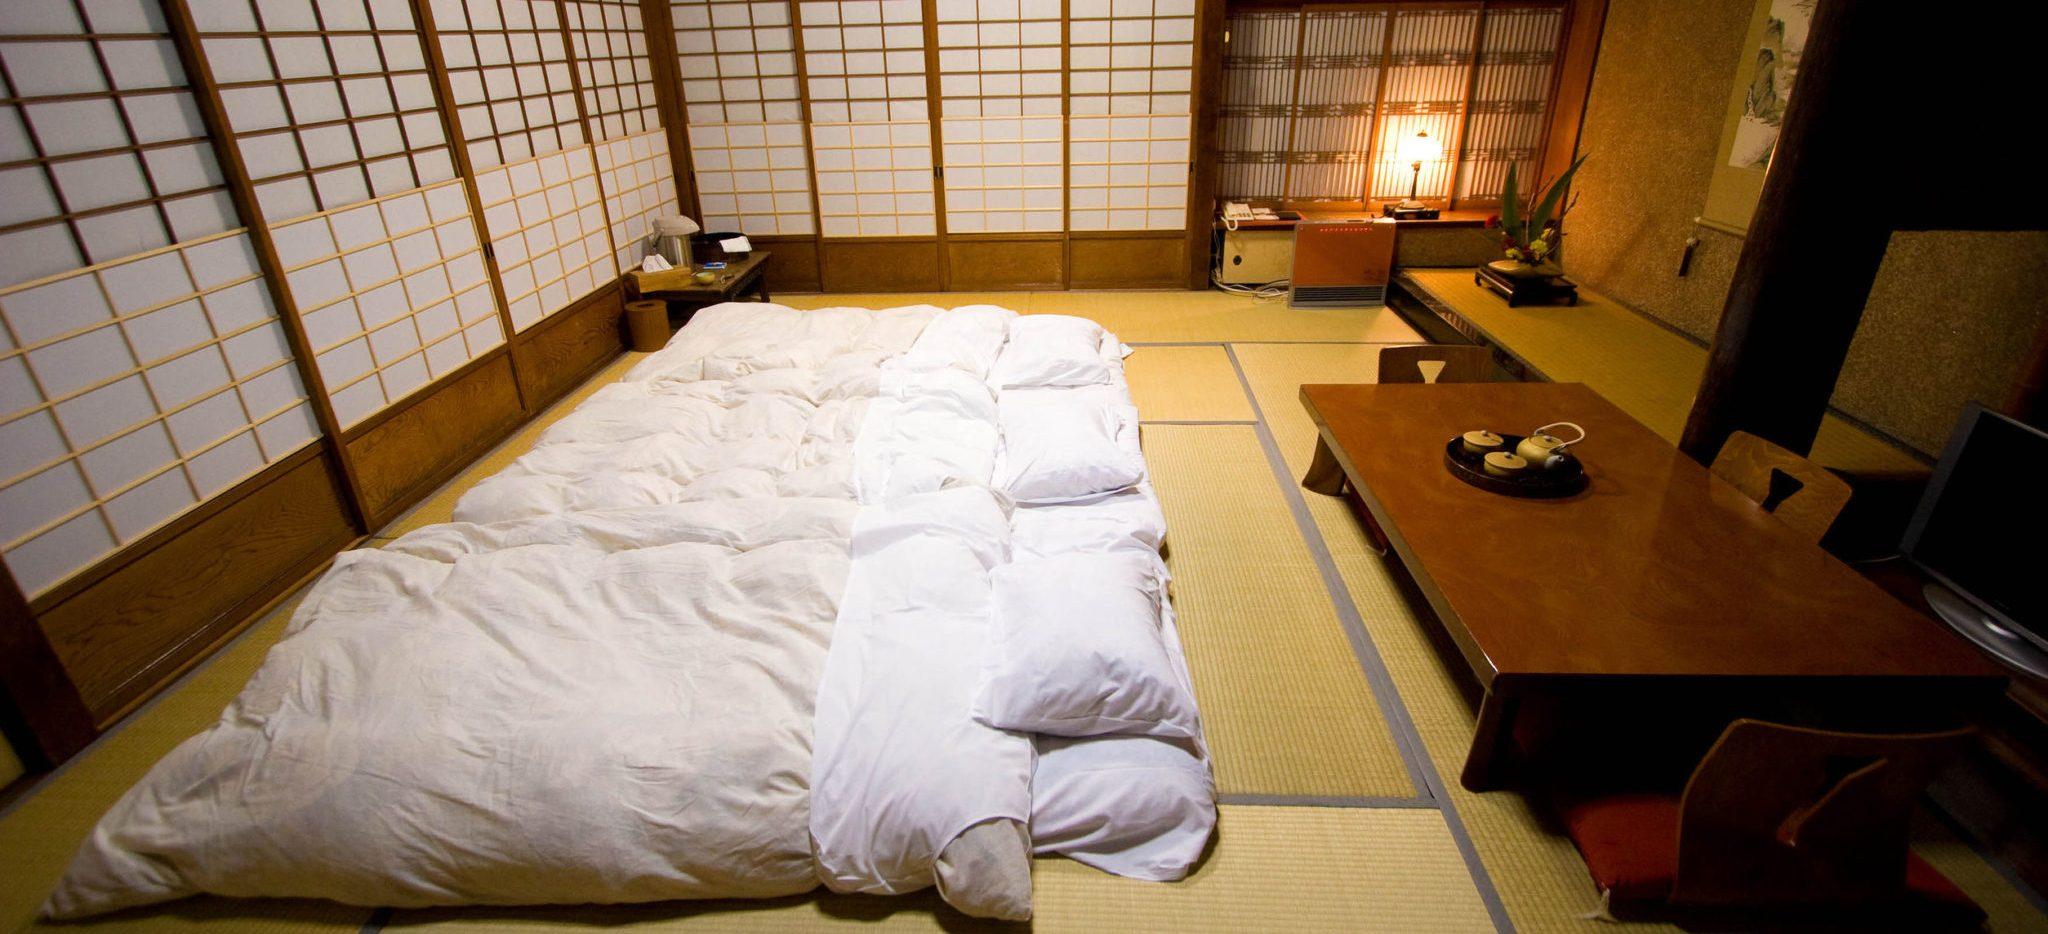 Full Size of Japanische Betten Japanisches Bett Traditionell Schlafen Auf Einem Futon Ausgefallene Ruf Günstige 180x200 120x200 Mannheim Musterring Massivholz Für Bett Japanische Betten